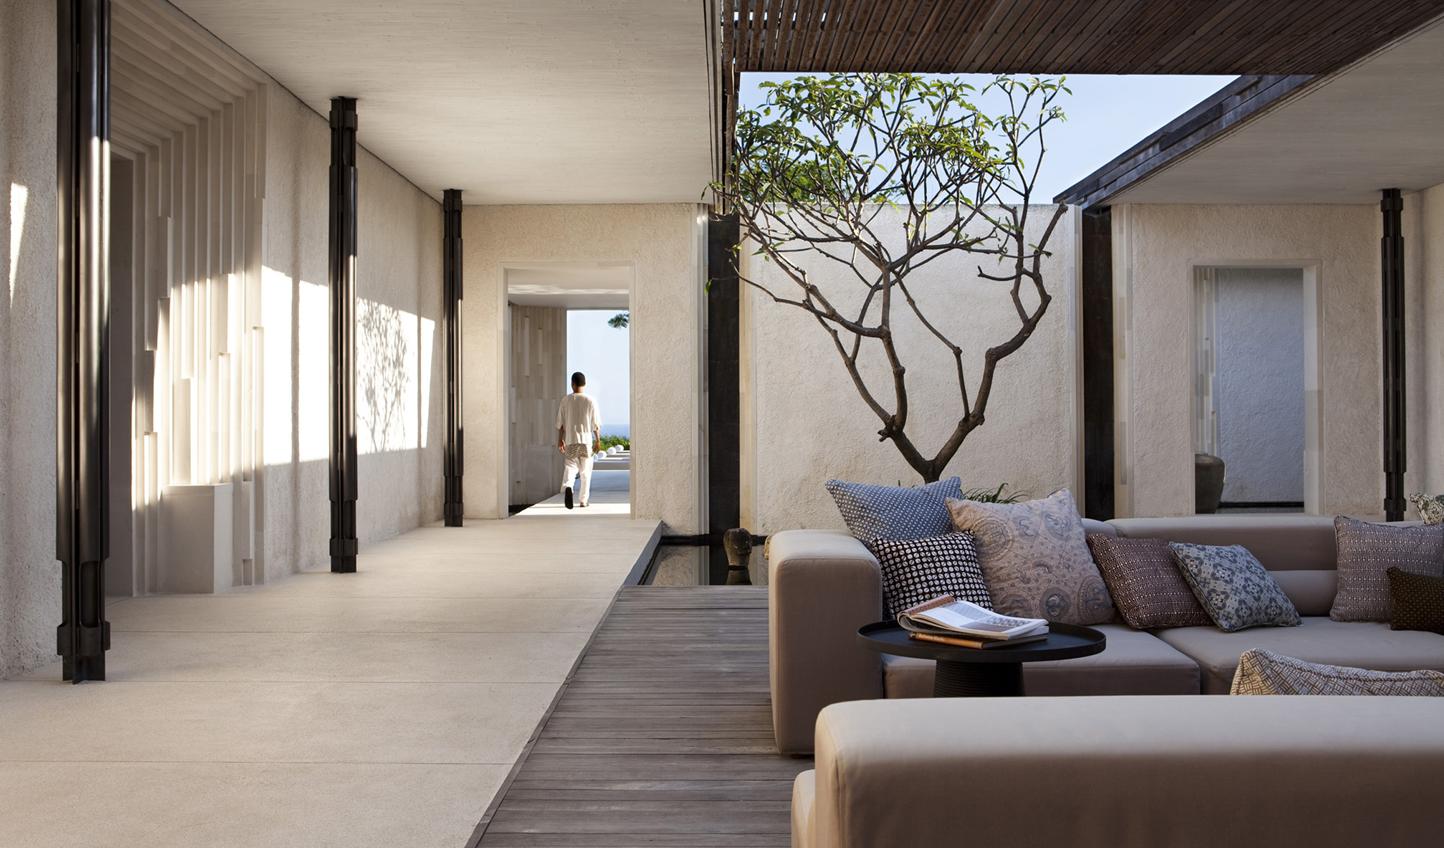 Cool, calm tones of your villa